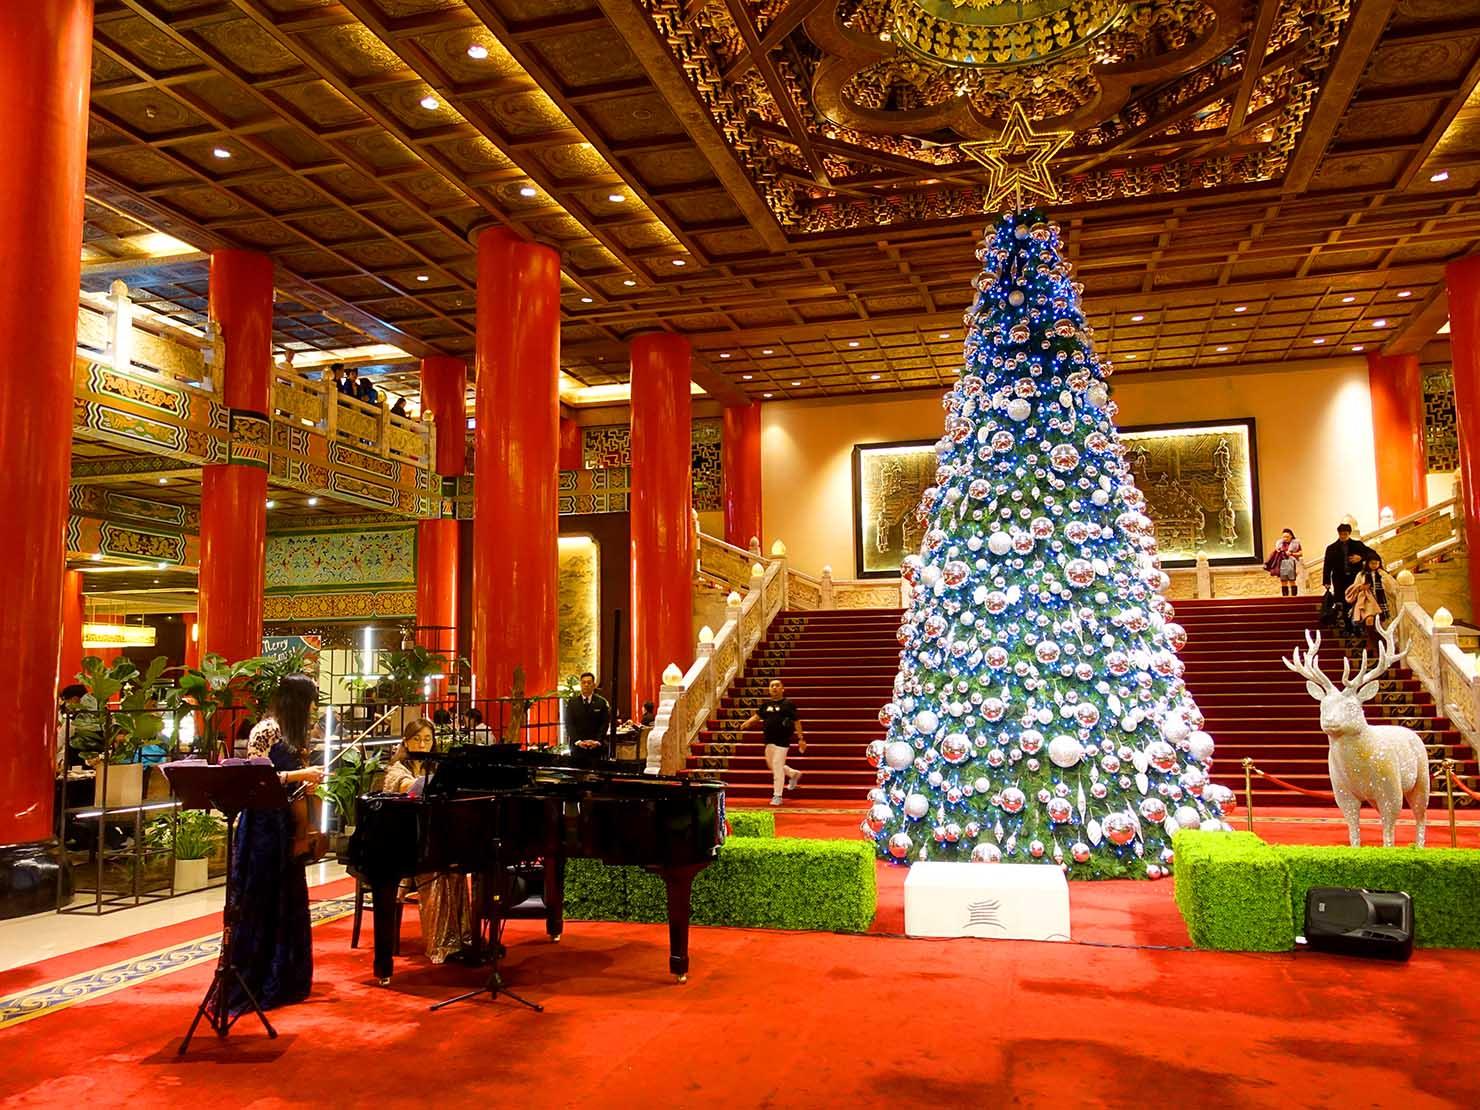 台北・圓山大飯店のエントランスホールに飾られたクリスマスツリー